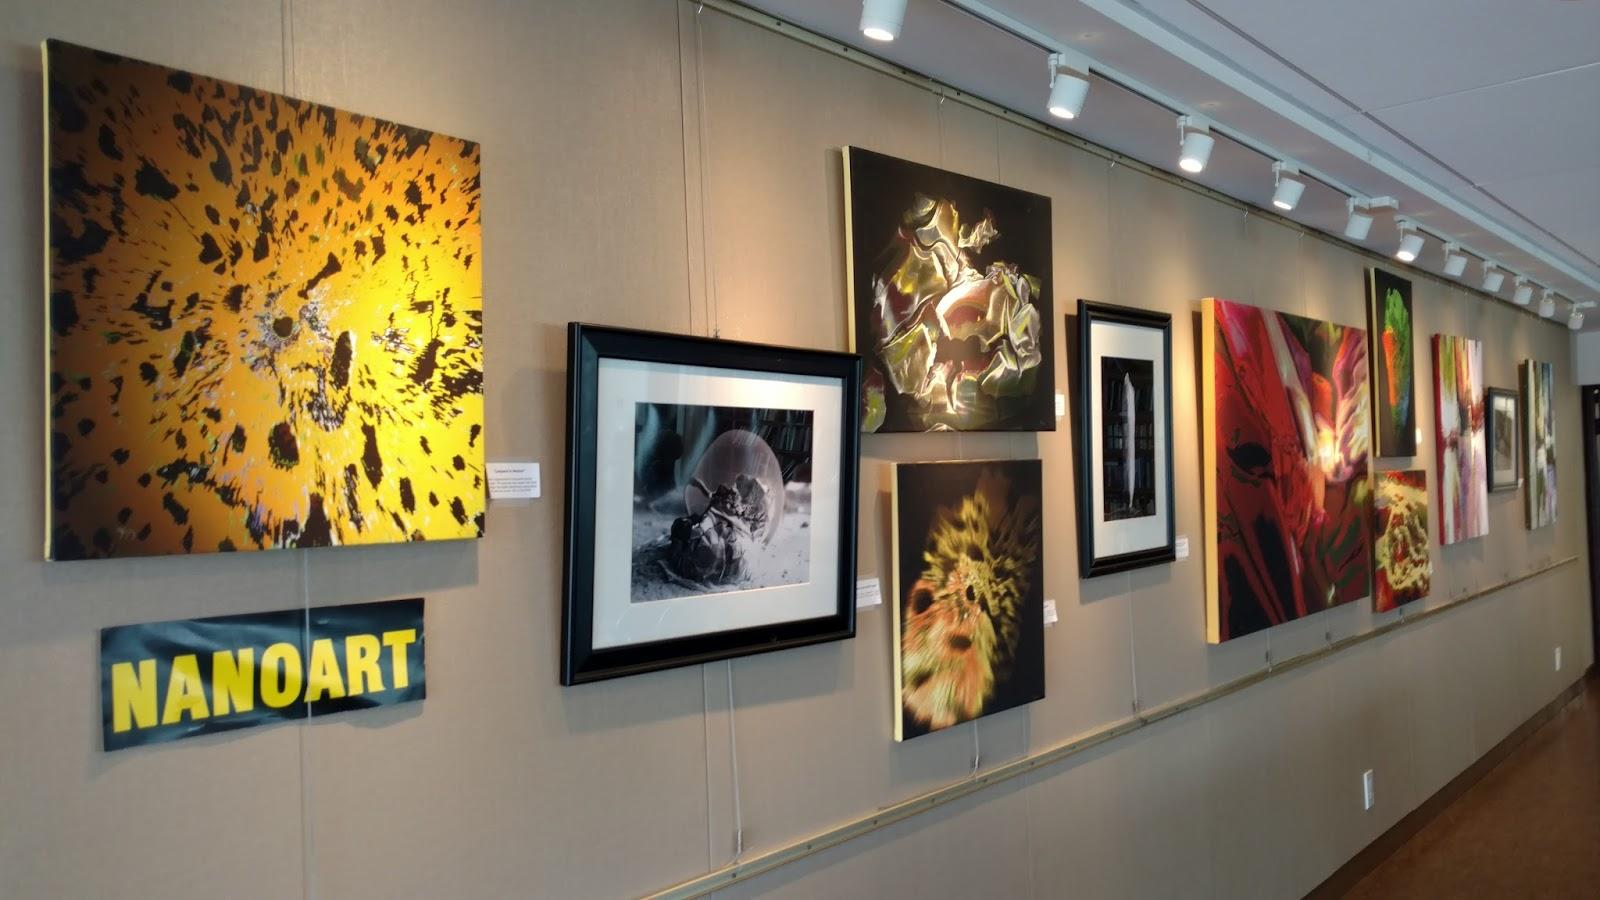 NanoArt Gallery